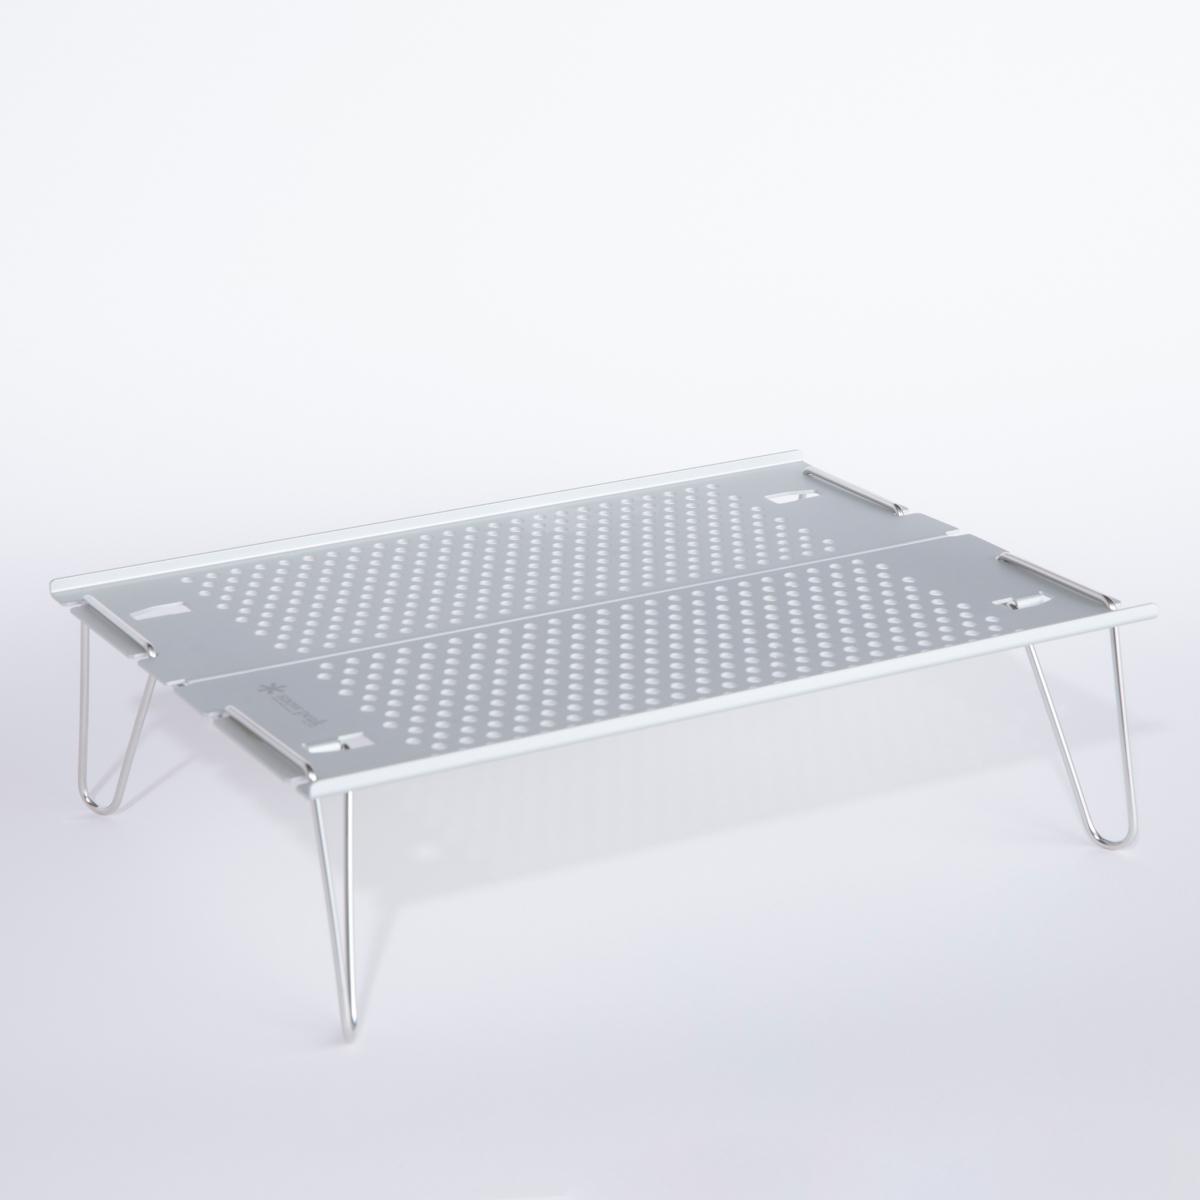 あらゆる場所でいい仕事をするミニテーブル。その名も「オゼン ライト」!